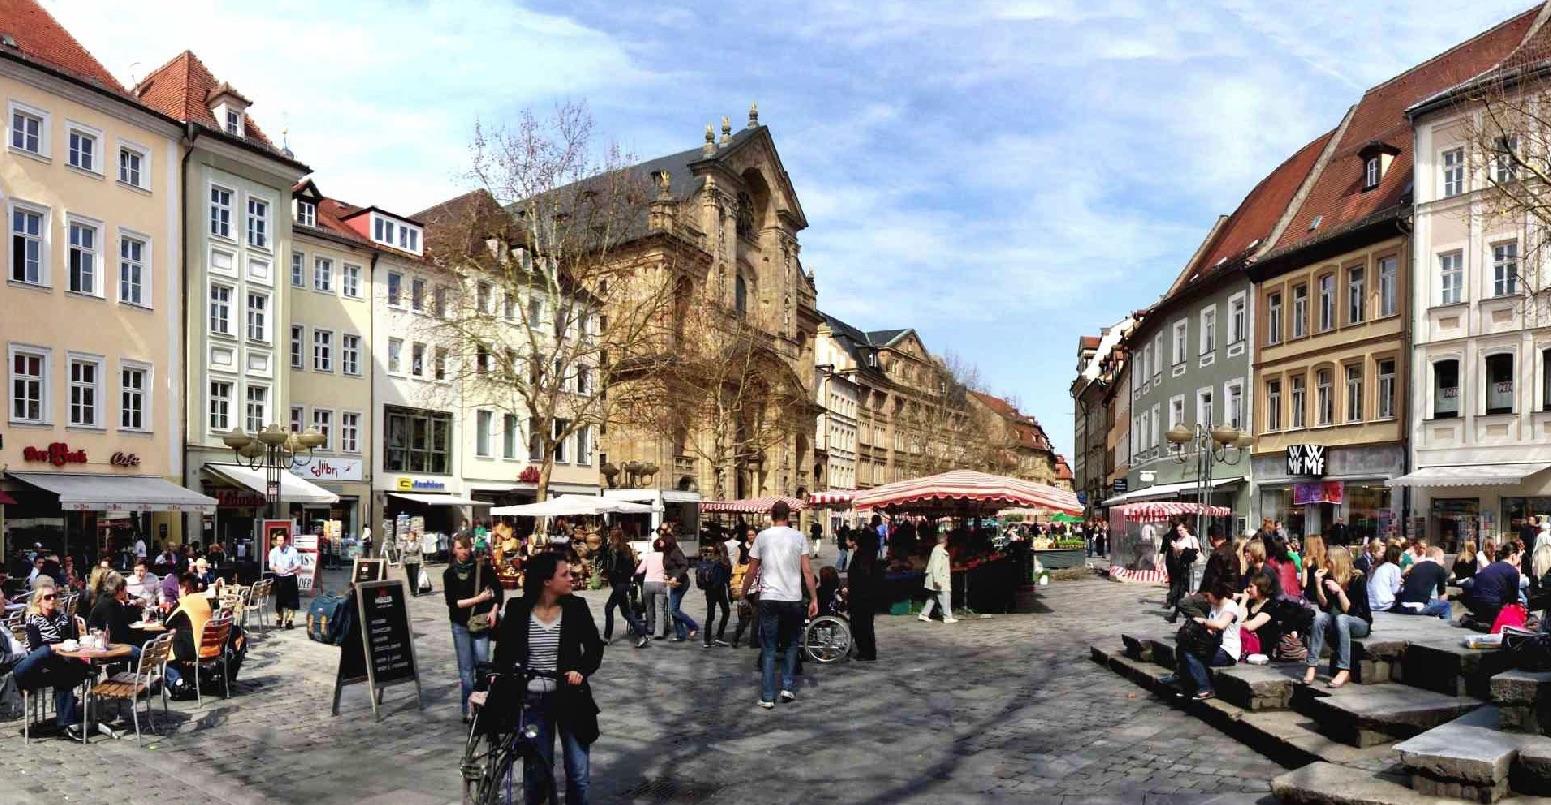 Grüner_Markt_Bamberg_Panorama.jpg